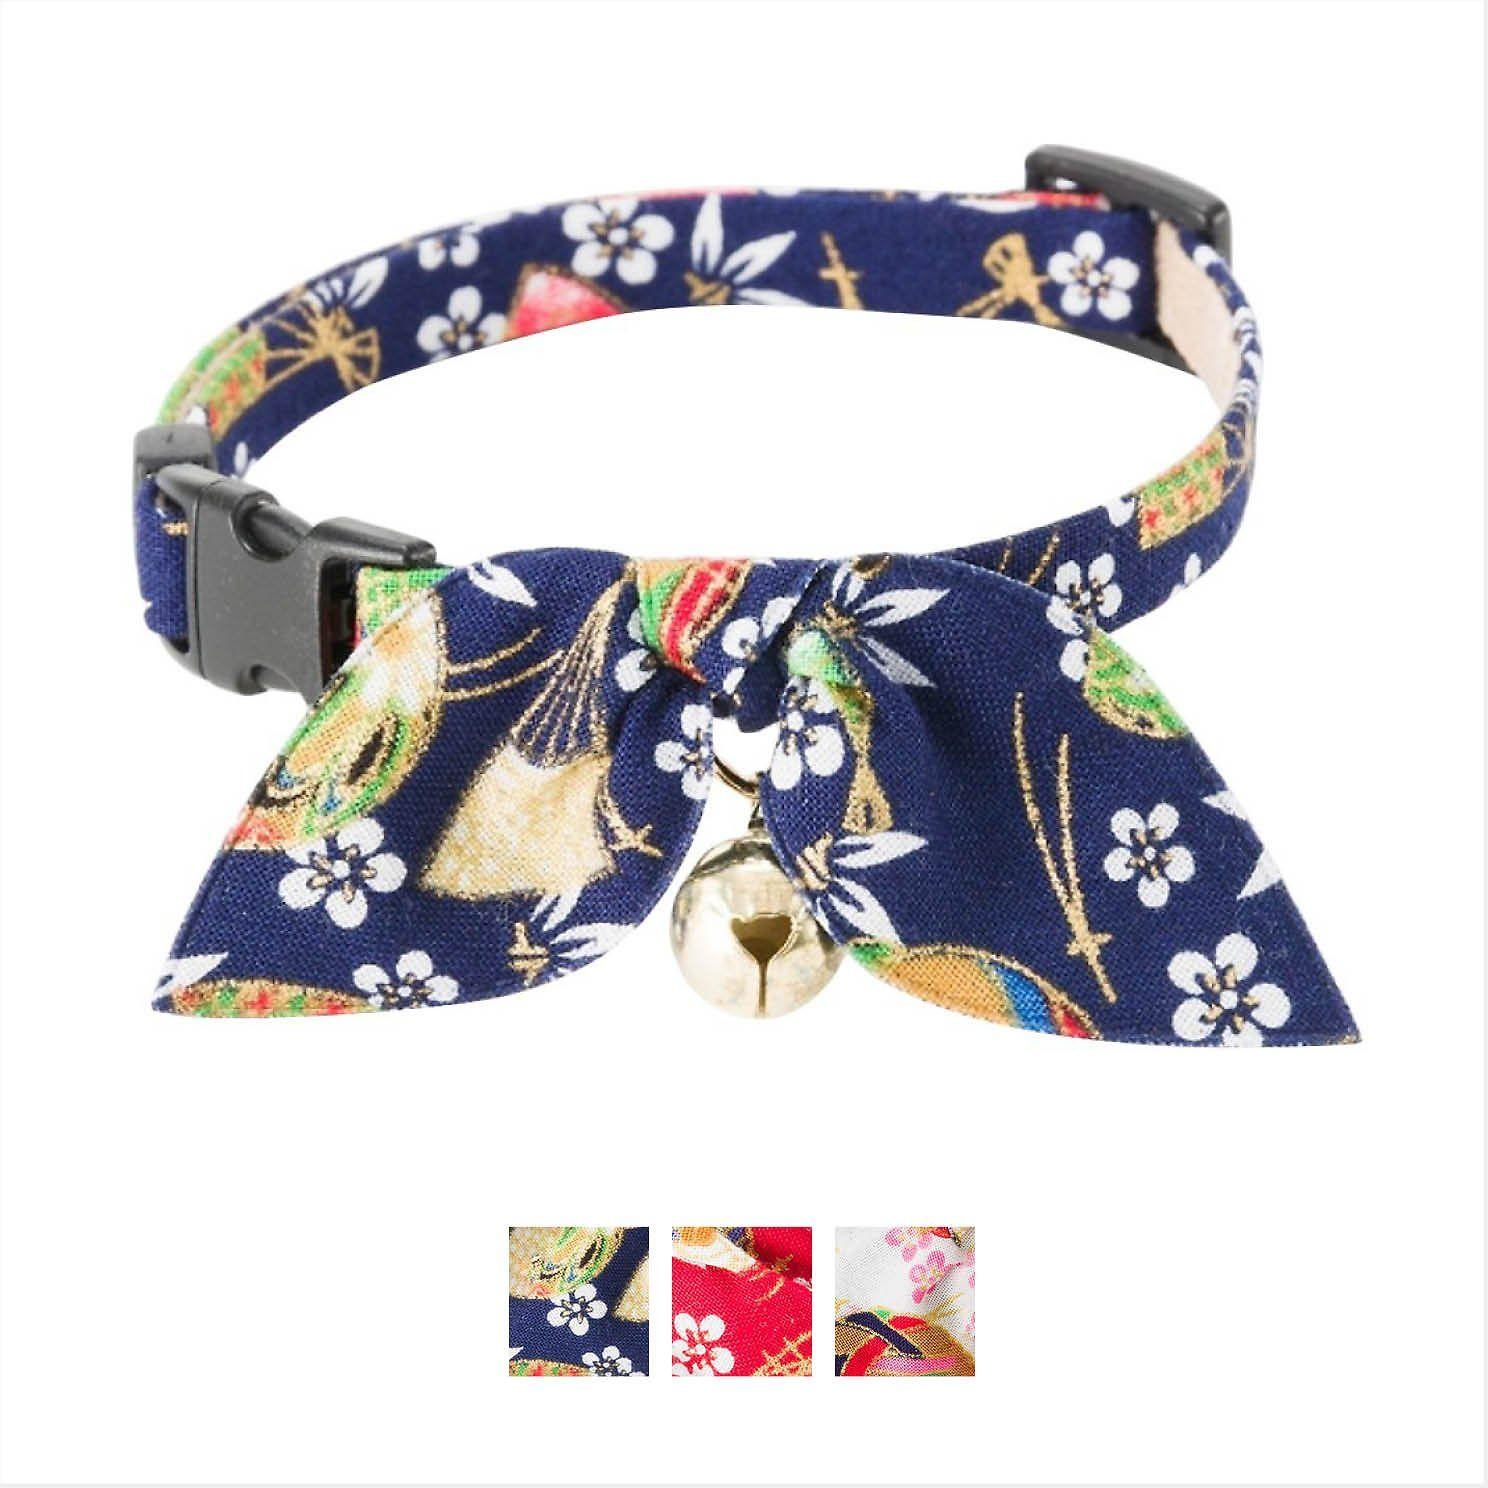 Necoichi Oribon Kimono Bow Tie Cat Collar, Blue Chewy